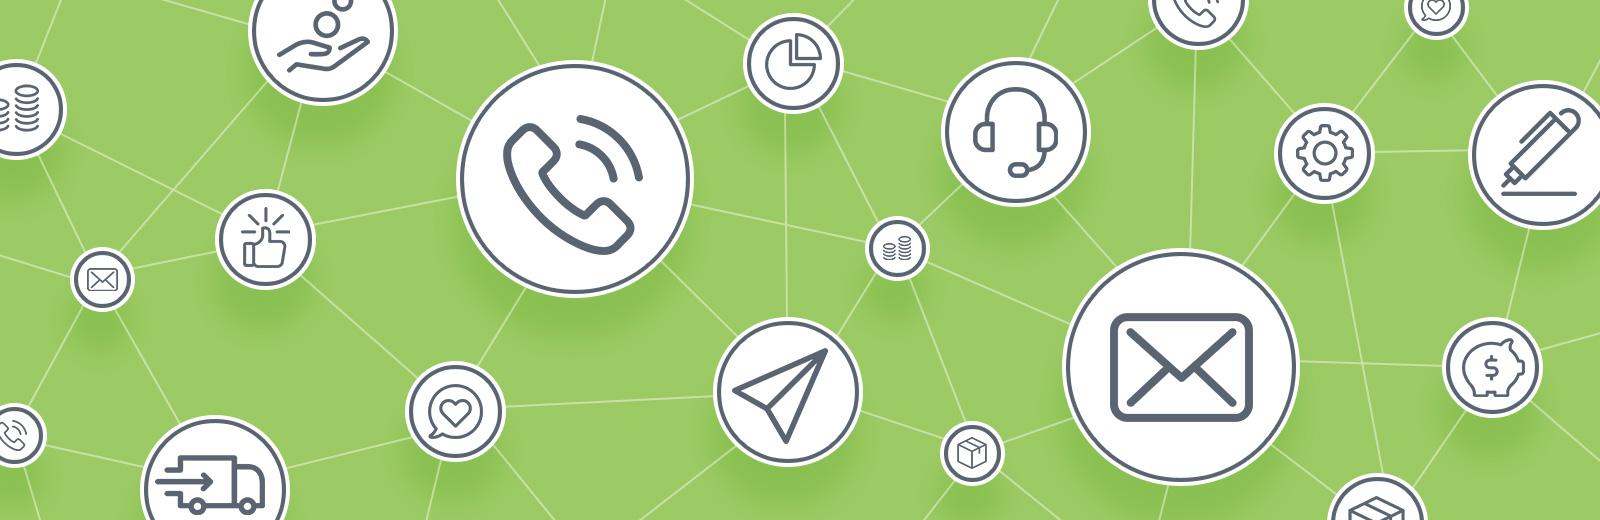 Отдать на аутсорсинг: топ-10 бизнес-процессов, которые выгоднее делегировать